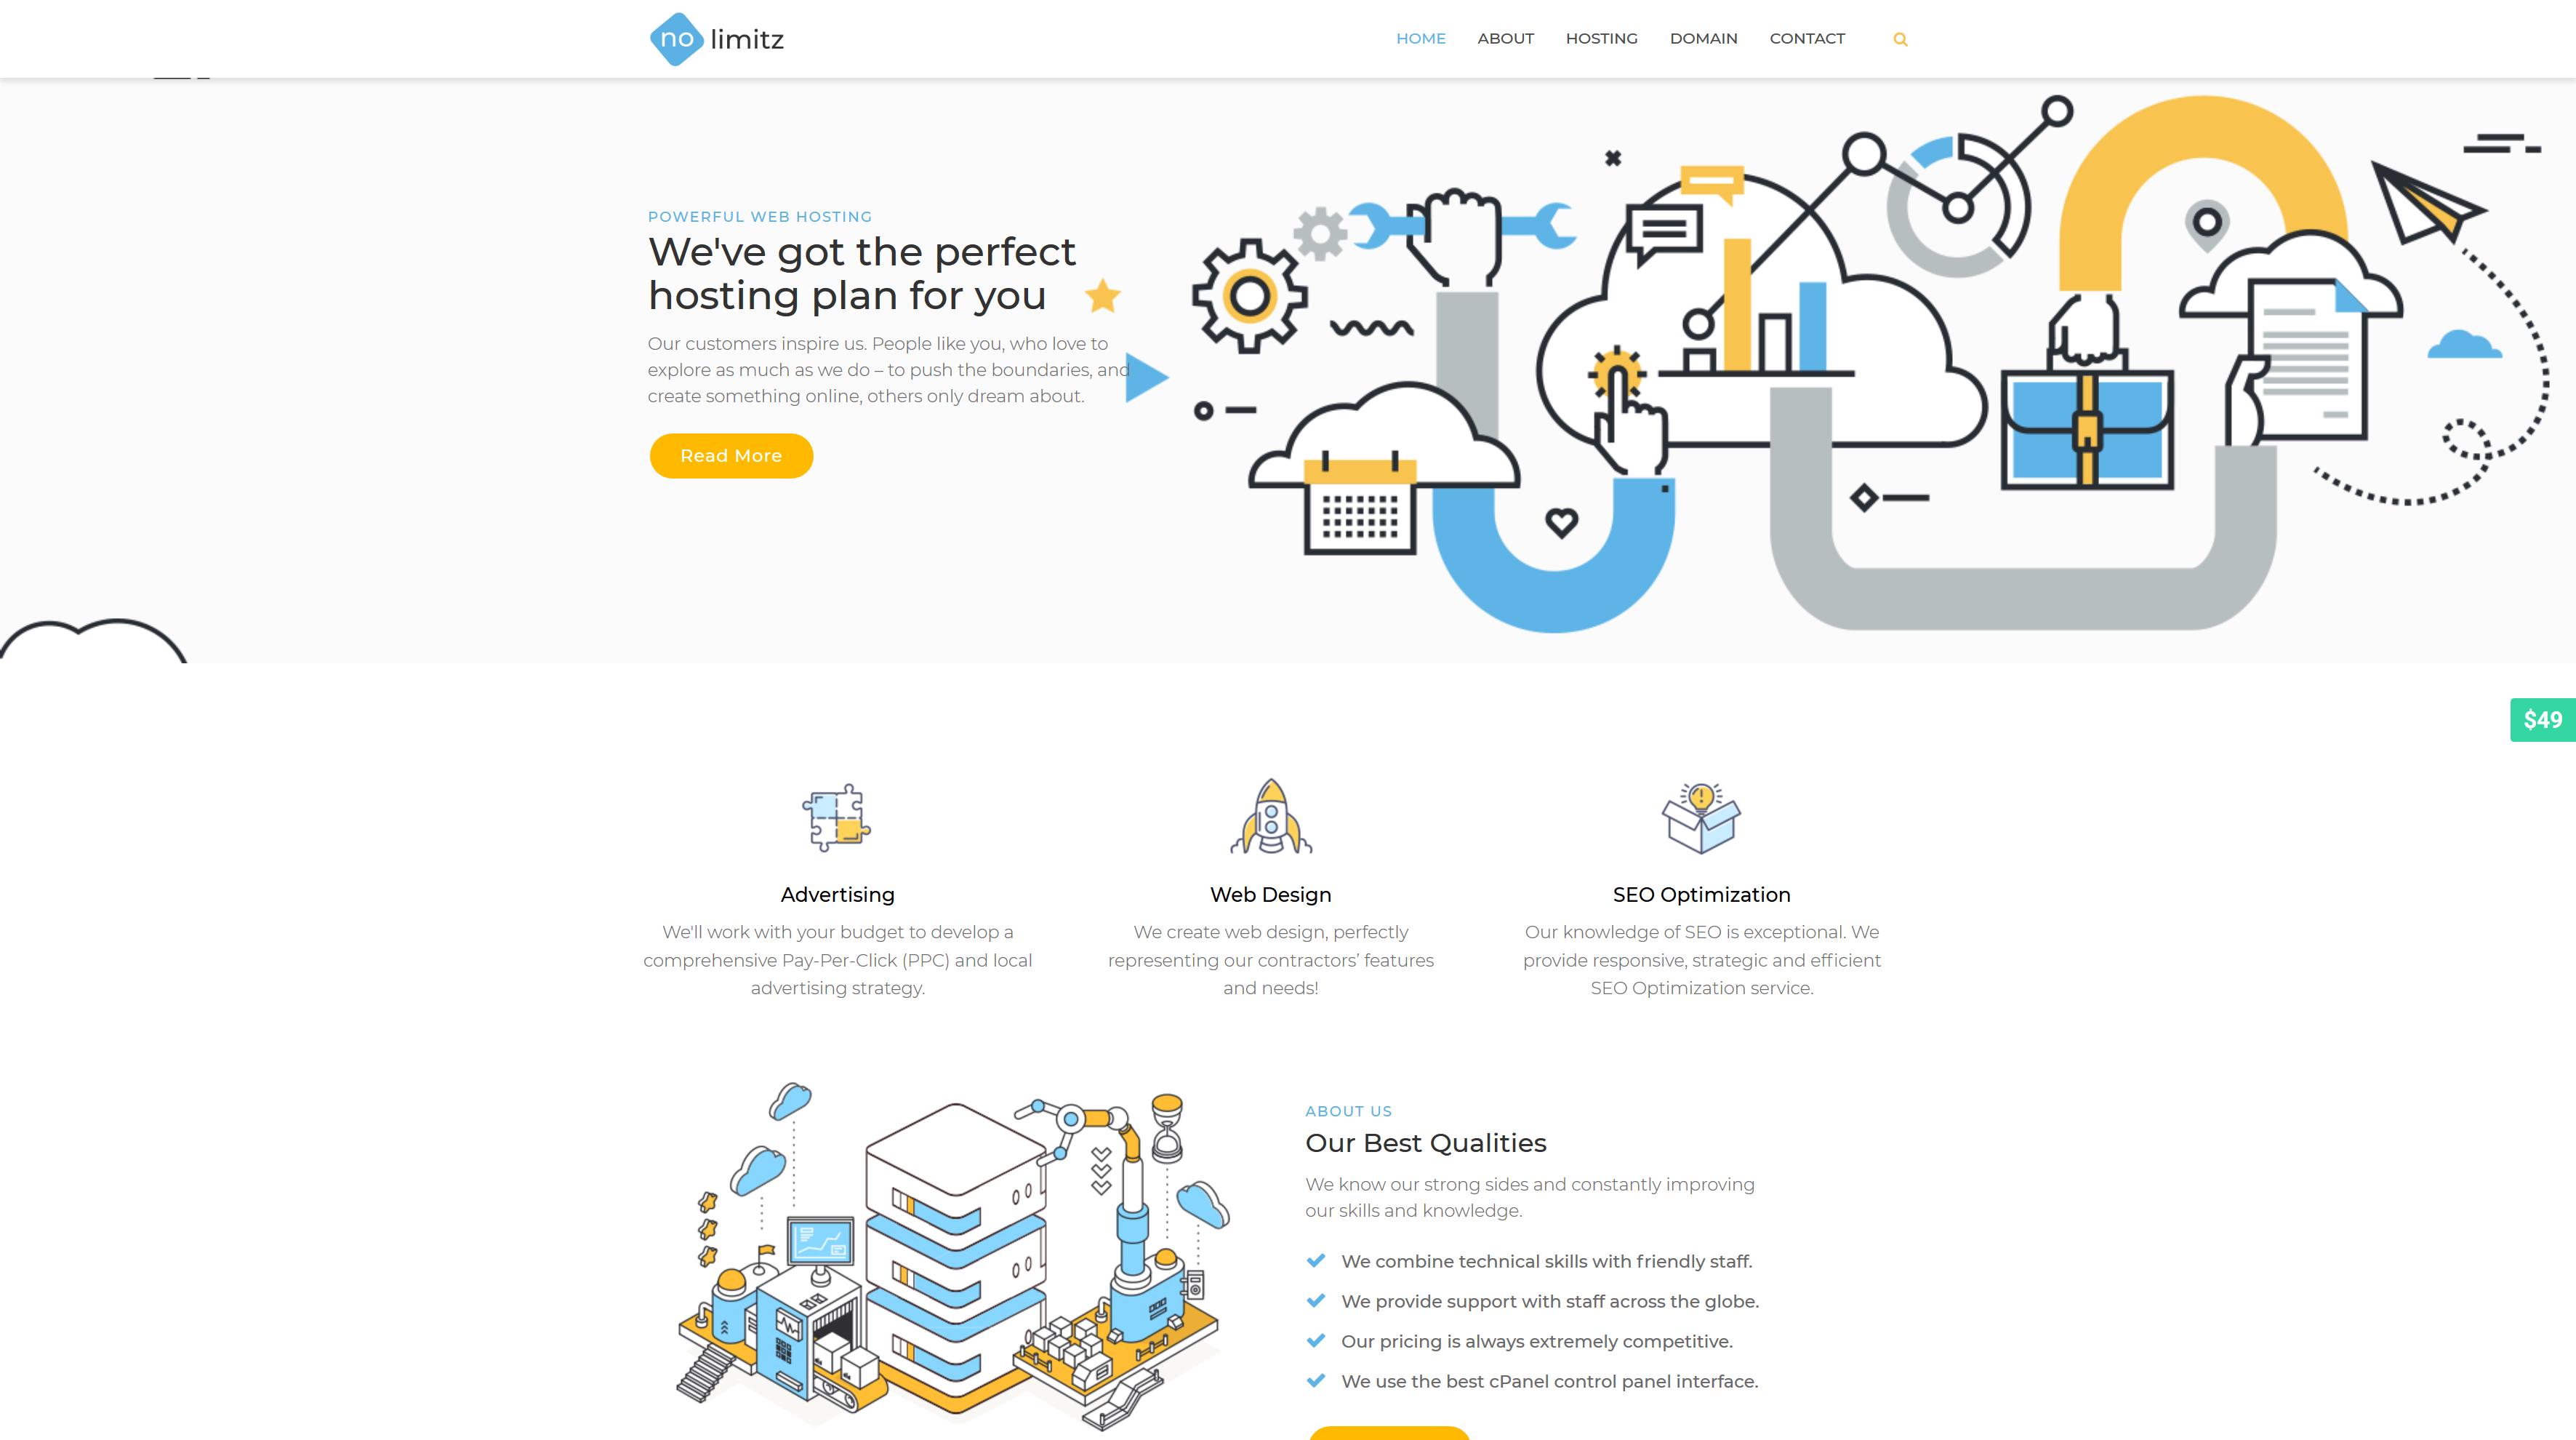 Nolimitz – Just another WordPress site